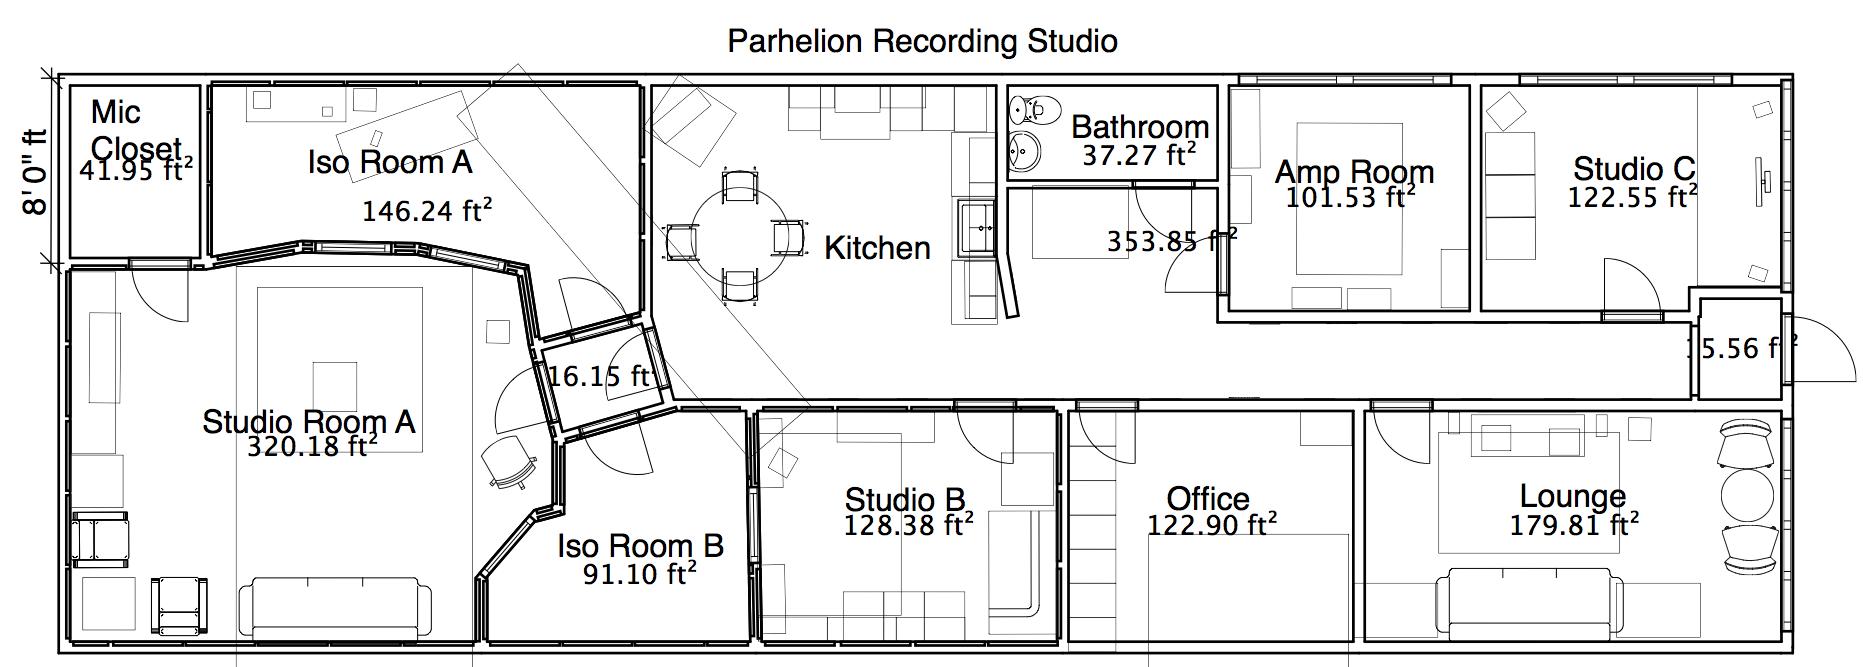 recording studio layouts google search. Interior Design Ideas. Home Design Ideas